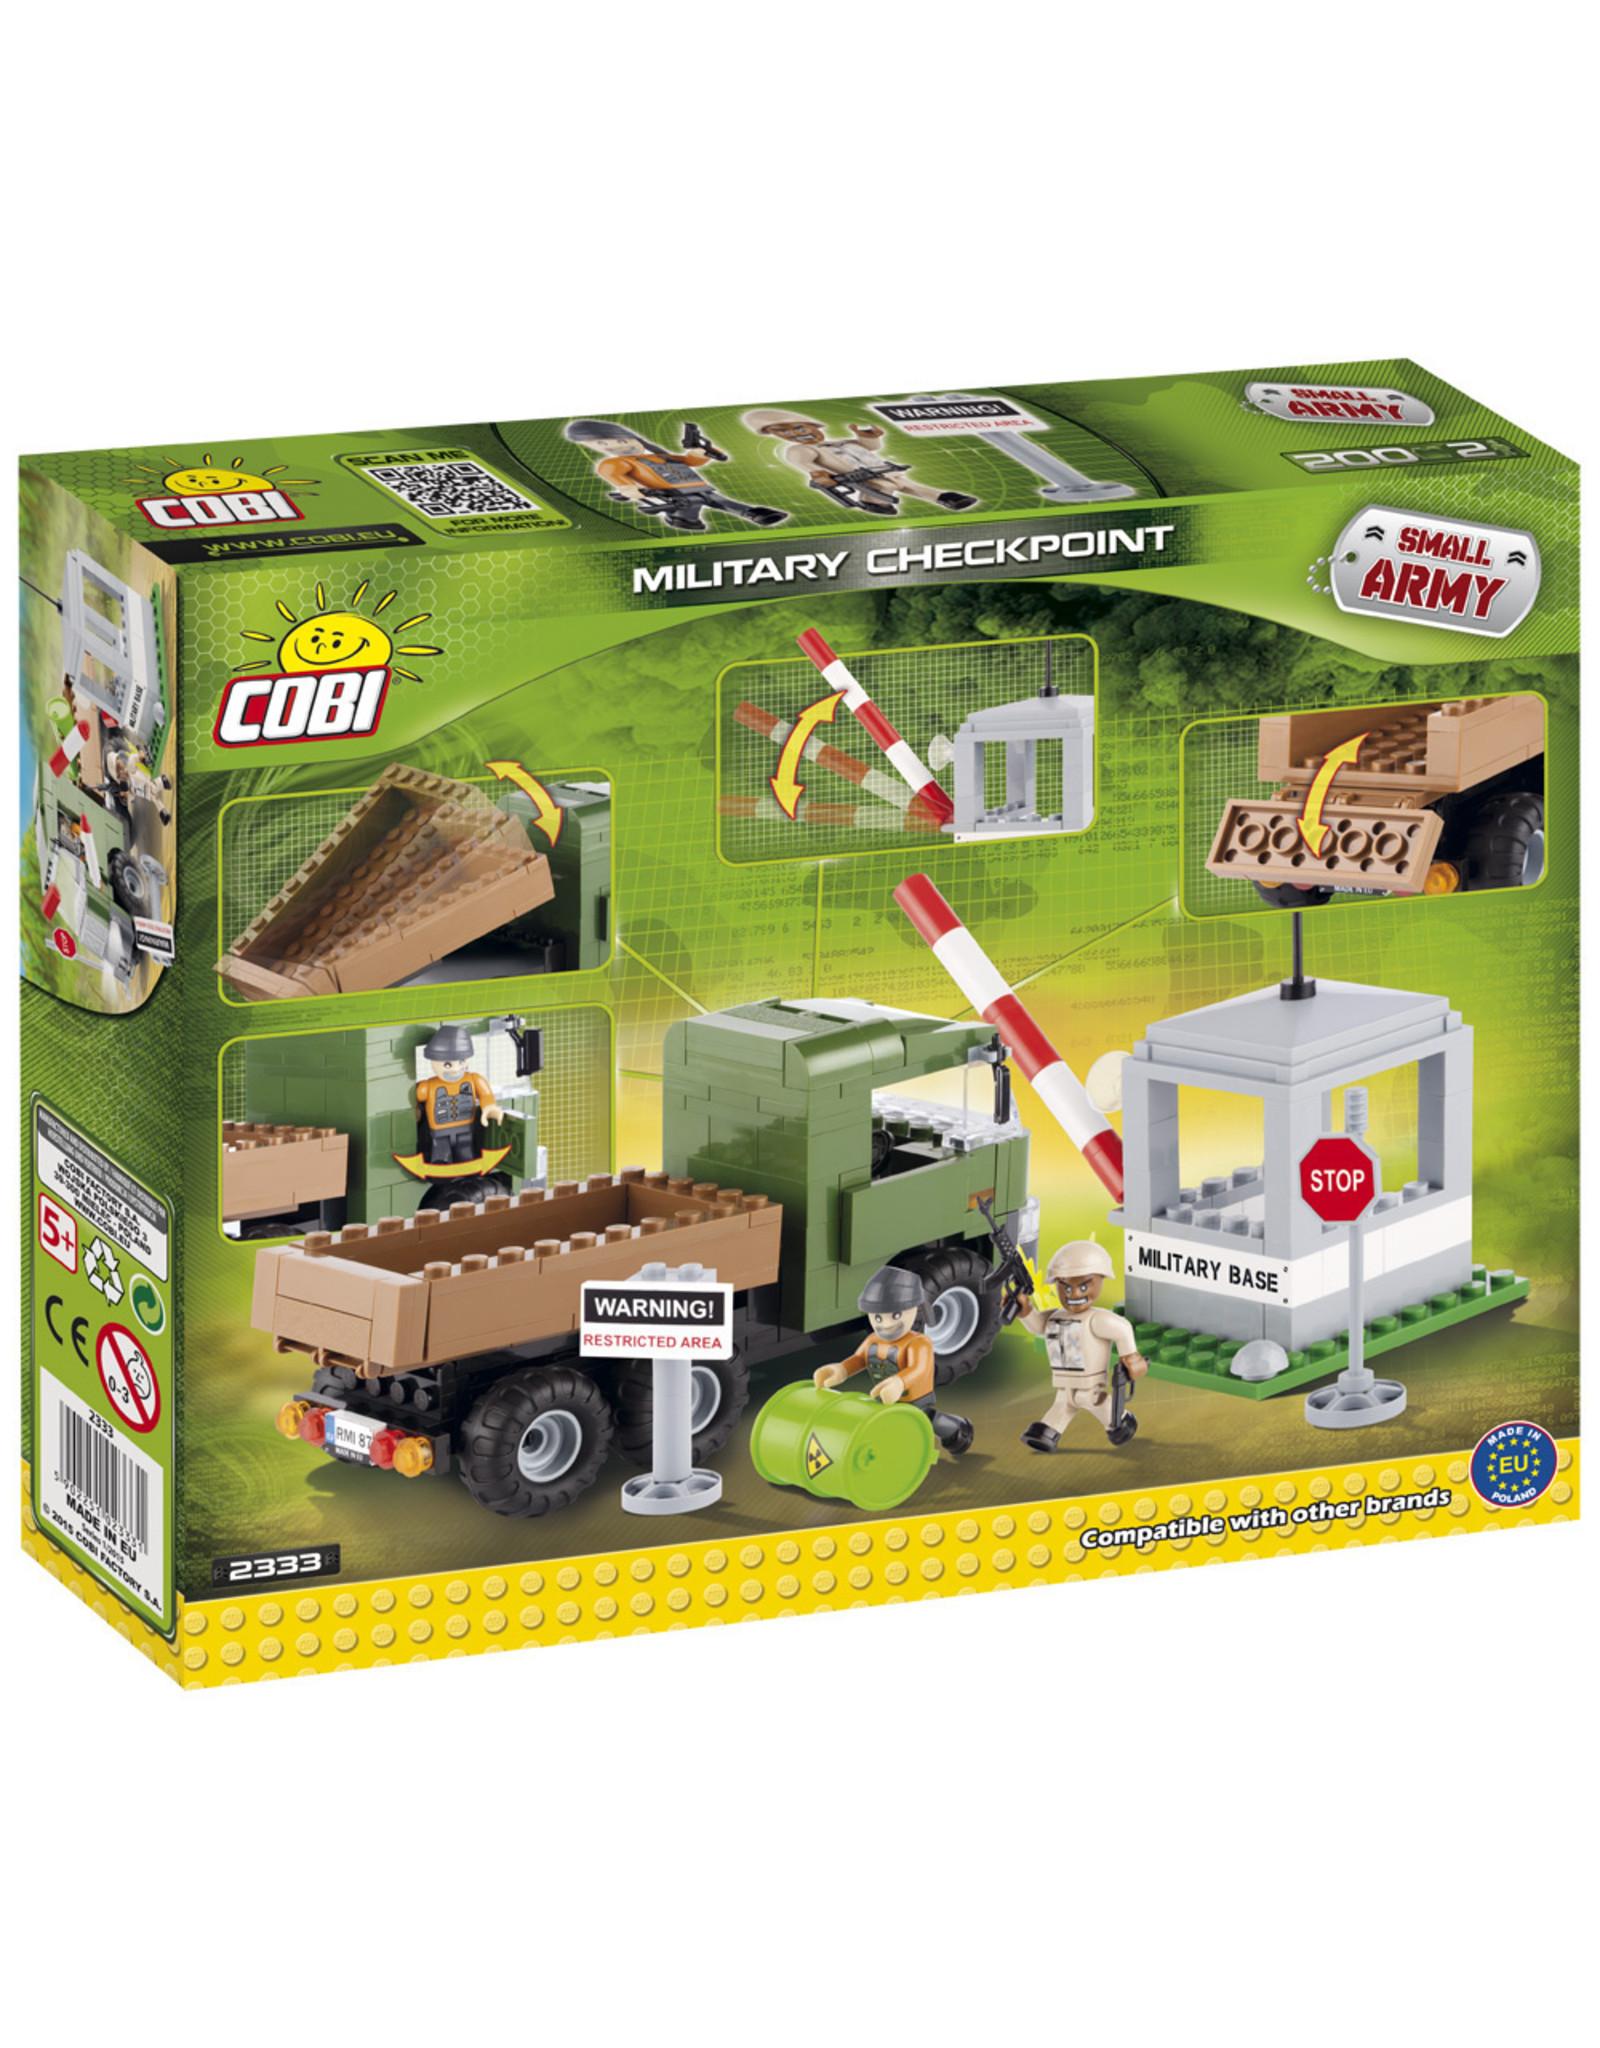 COBI COBI  2333 - Military Checkpoint